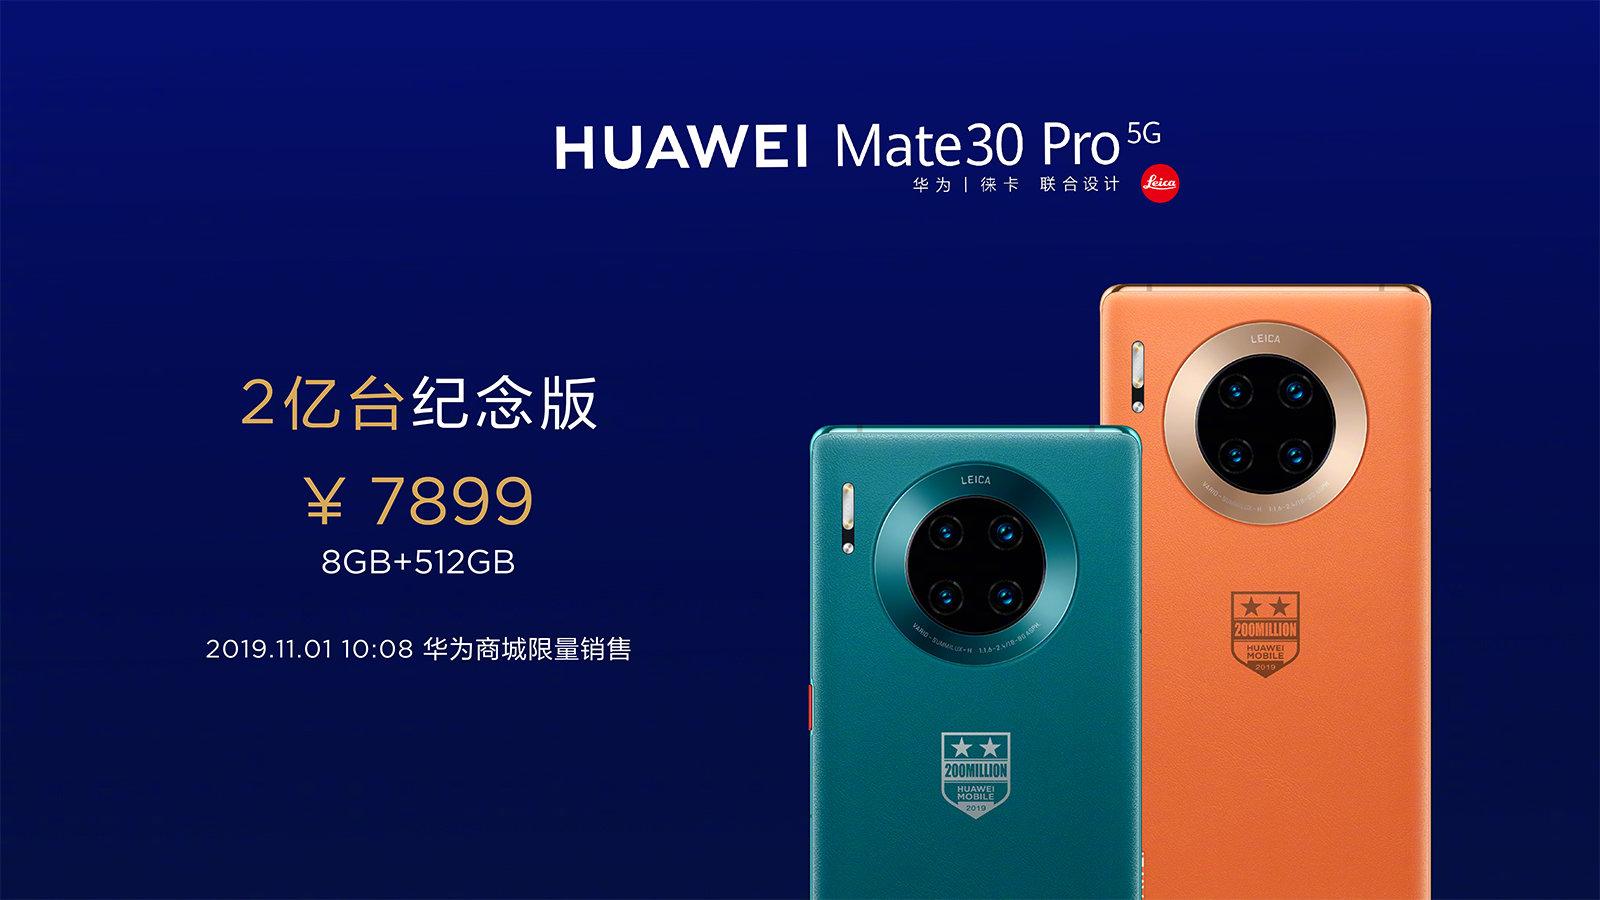 Huawei lancia un'edizione speciale di Mate 30/30 Pro 5G per festeggiare il record di vendite (foto)